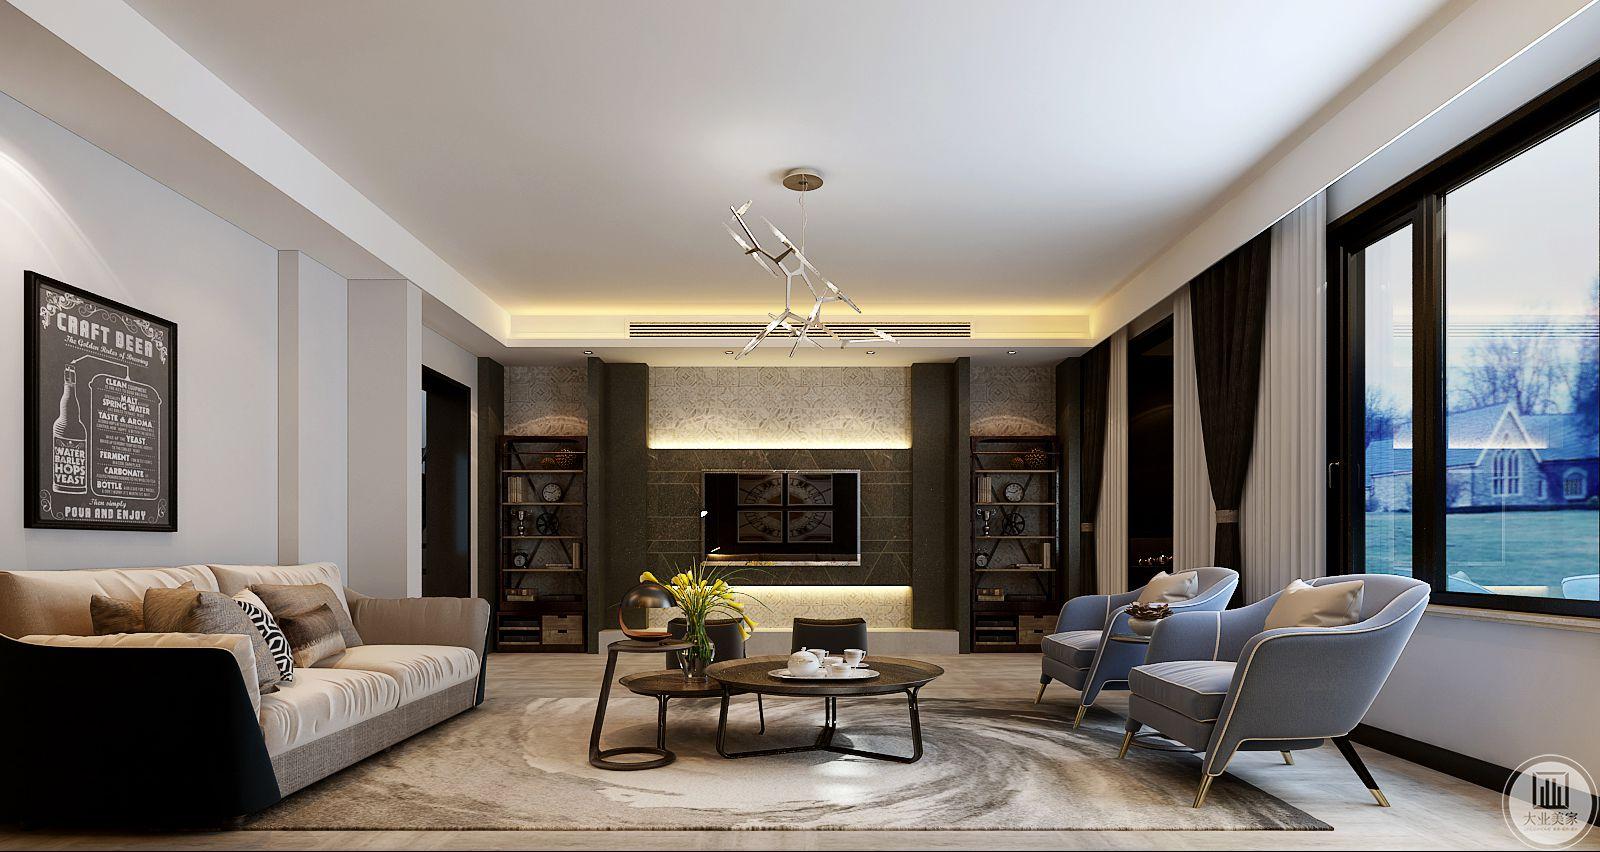 客厅电视墙是黑色的背景,两侧则是收纳柜。